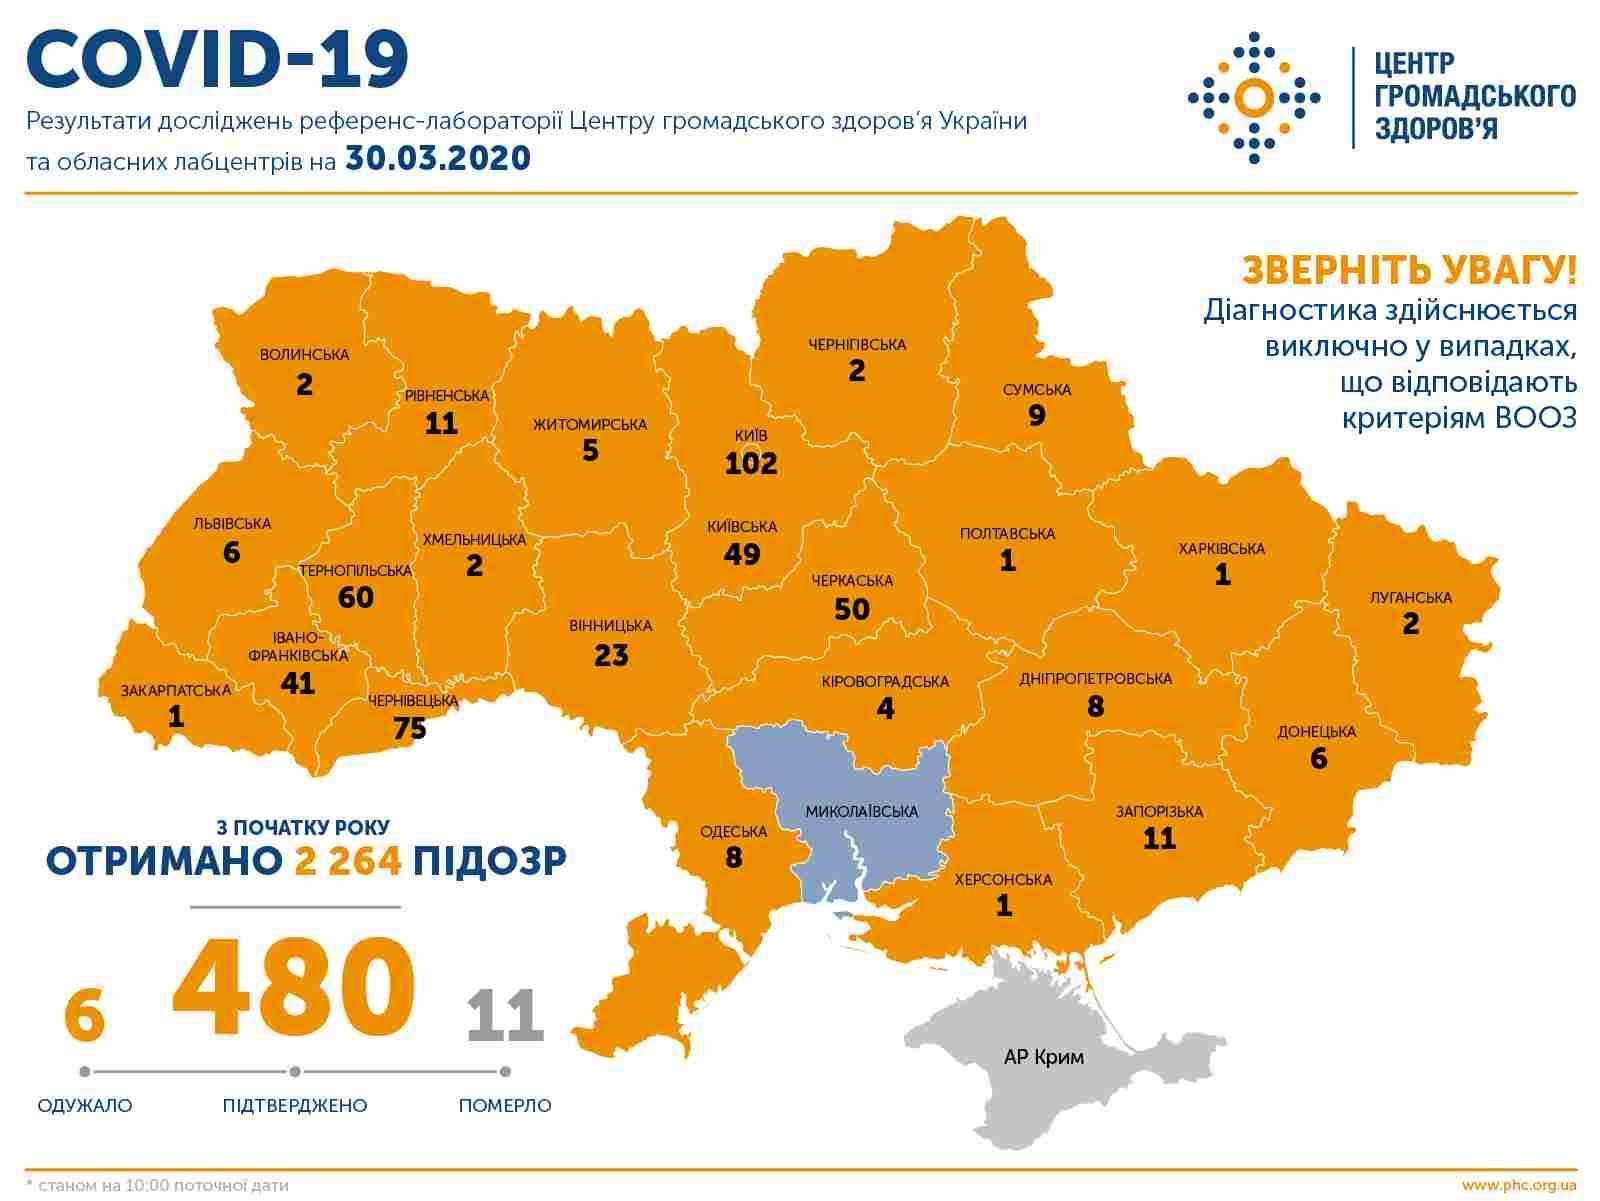 Оперативна інформація про поширення коронавірусної інфекції COVID-19 станом на 10:00 30.03.2020